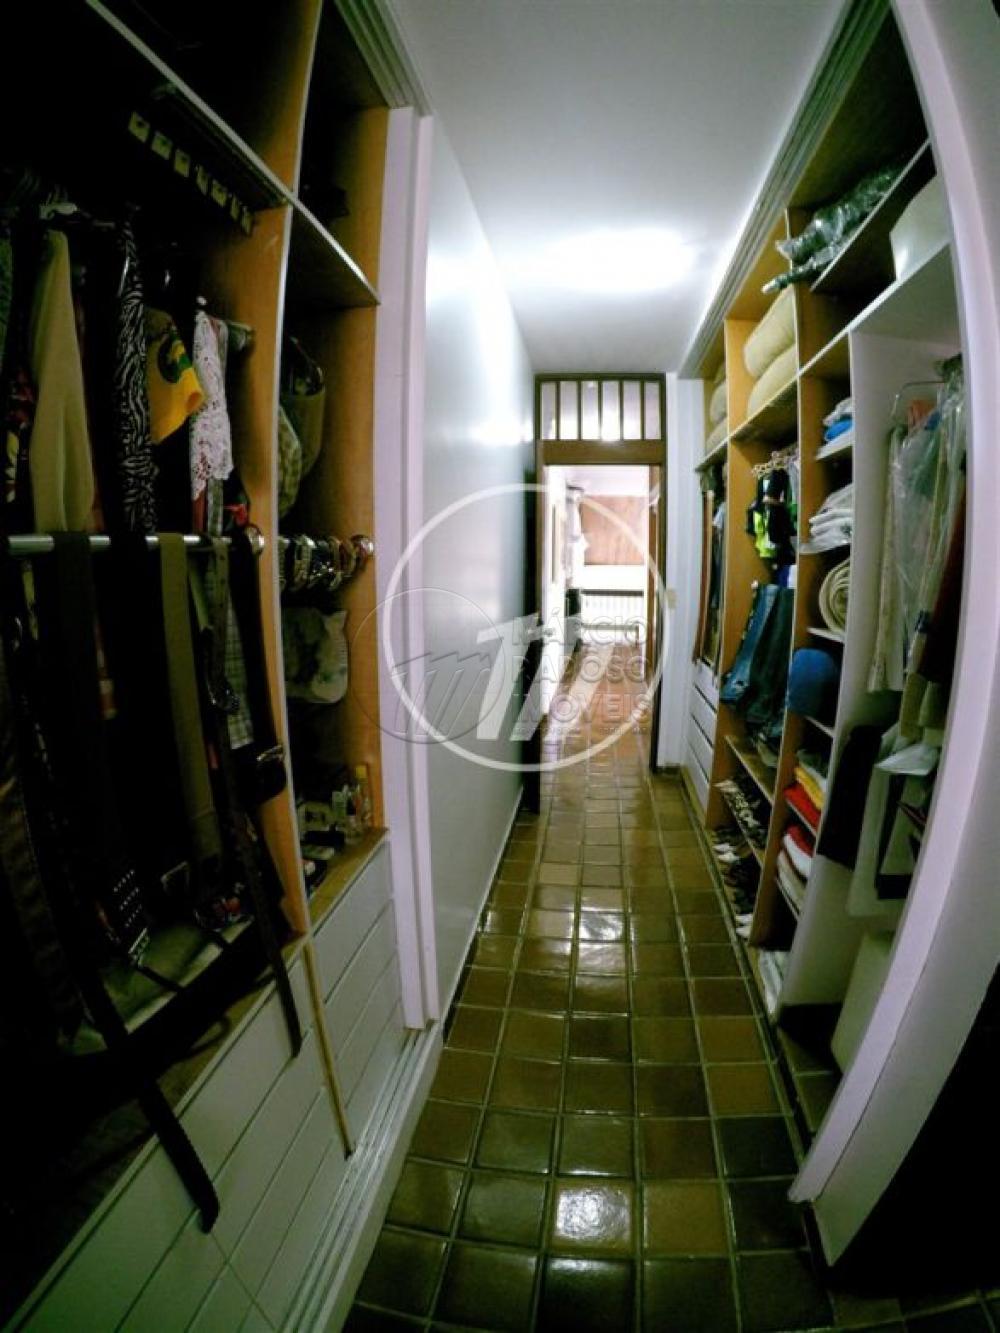 CONDOMÍNIO RESIDENCIAL ALDEBARAN (ALFA QUADRA A)  casa de 357,84m² para venda  possui: térreo:  - varanda em L; - sala para 2 ambientes (sala de estar e jantar); - wc social; - cozinha com despensa; - área de serviço; - DCE; - garagem; - piscina; - 1 suíte; - gabinete; - depósito.  Pavimento superior:  - 3 suítes (sendo 1 master com closet); - 1 quarto reformado para academia (todas com varanda).  * Entre em contato conosco via celular ou WhatsApp, e agende uma visita com um de nossos corretores de plantão.